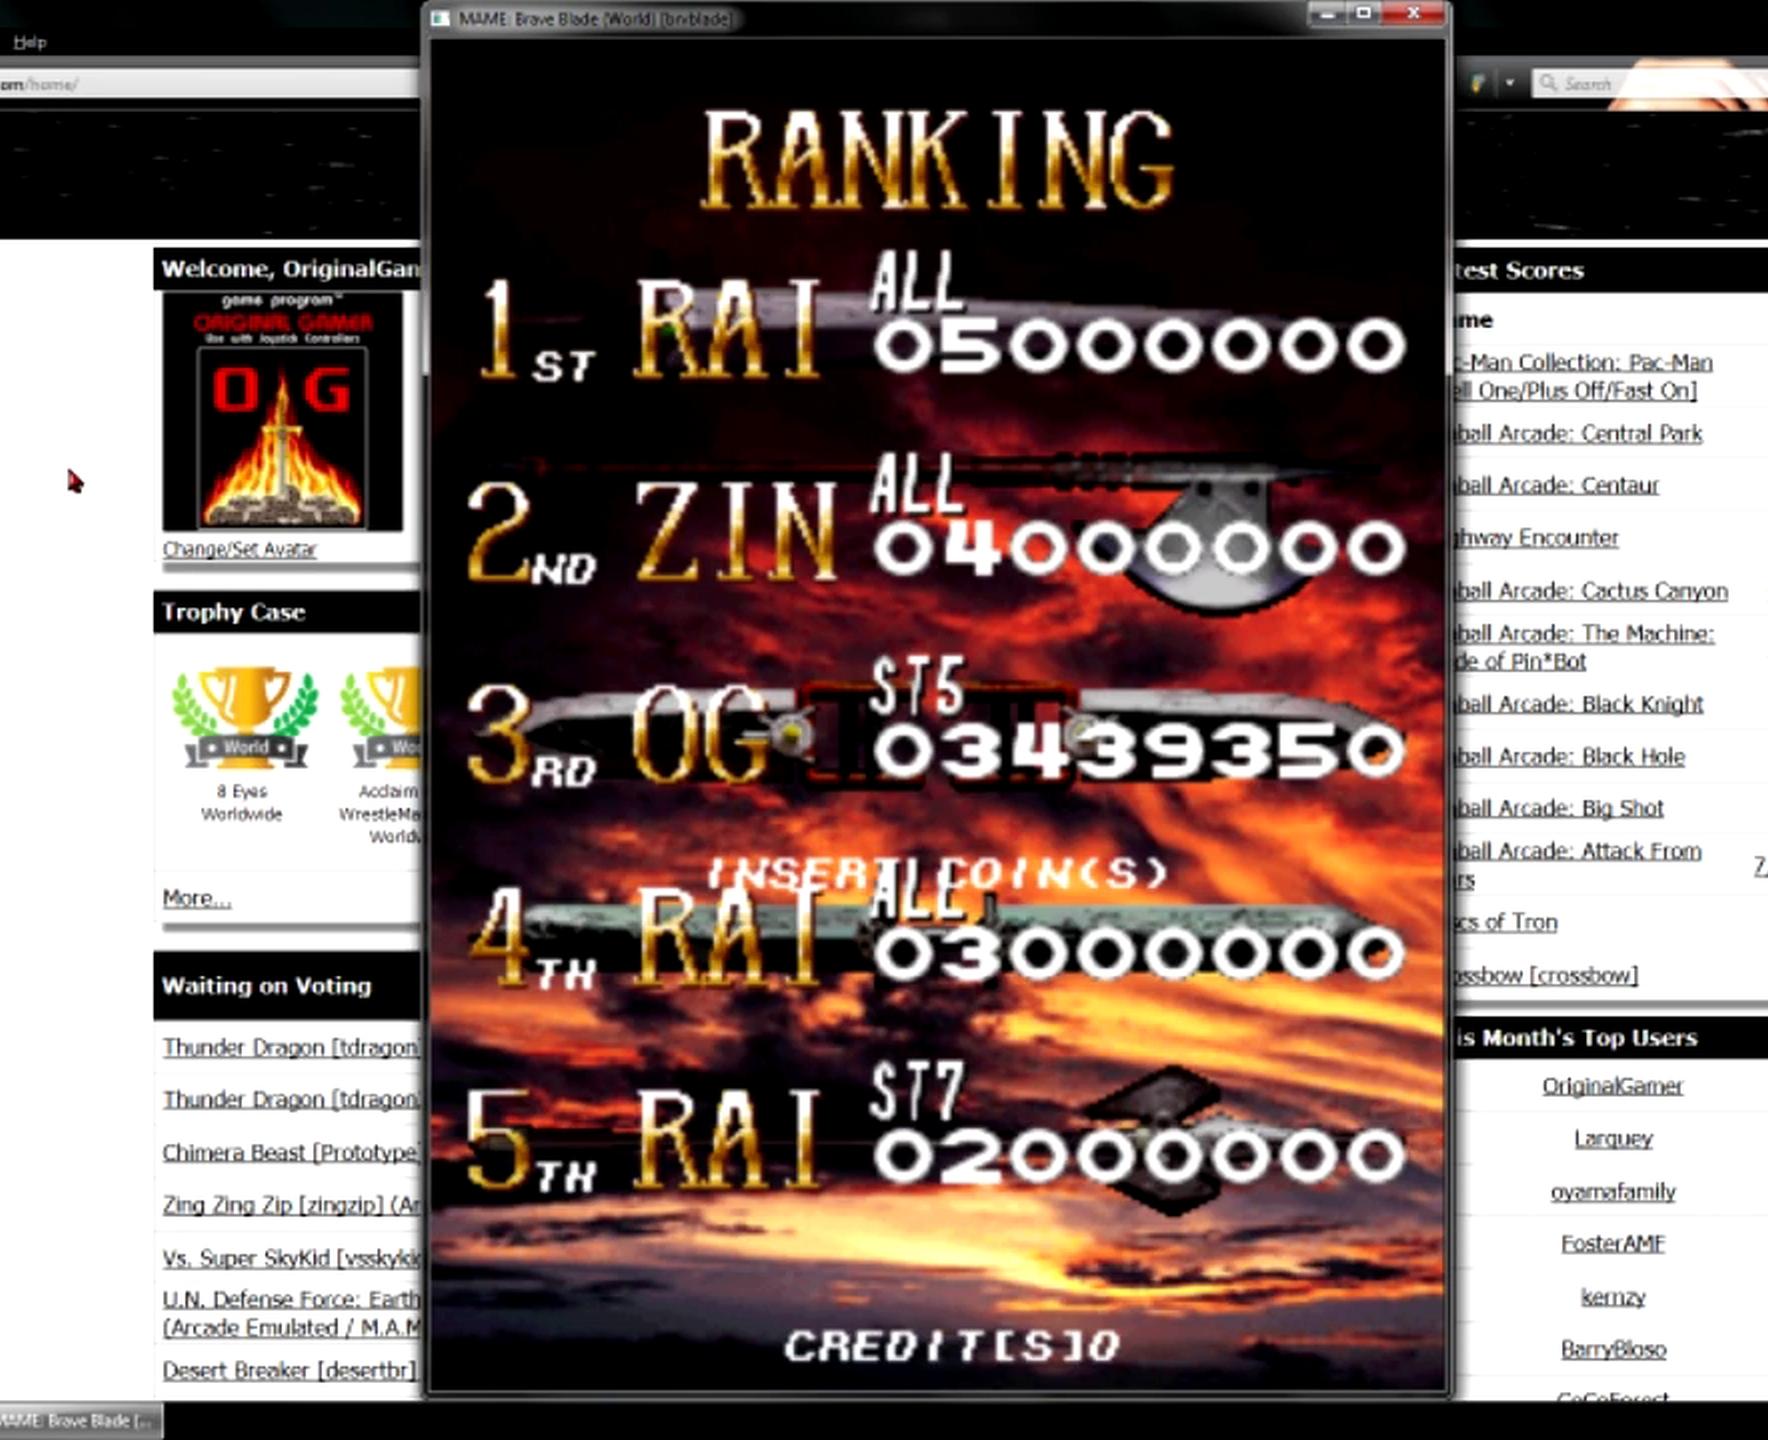 OriginalGamer: Brave Blade [brvblade] (Arcade Emulated / M.A.M.E.) 3,439,350 points on 2015-05-27 19:50:09